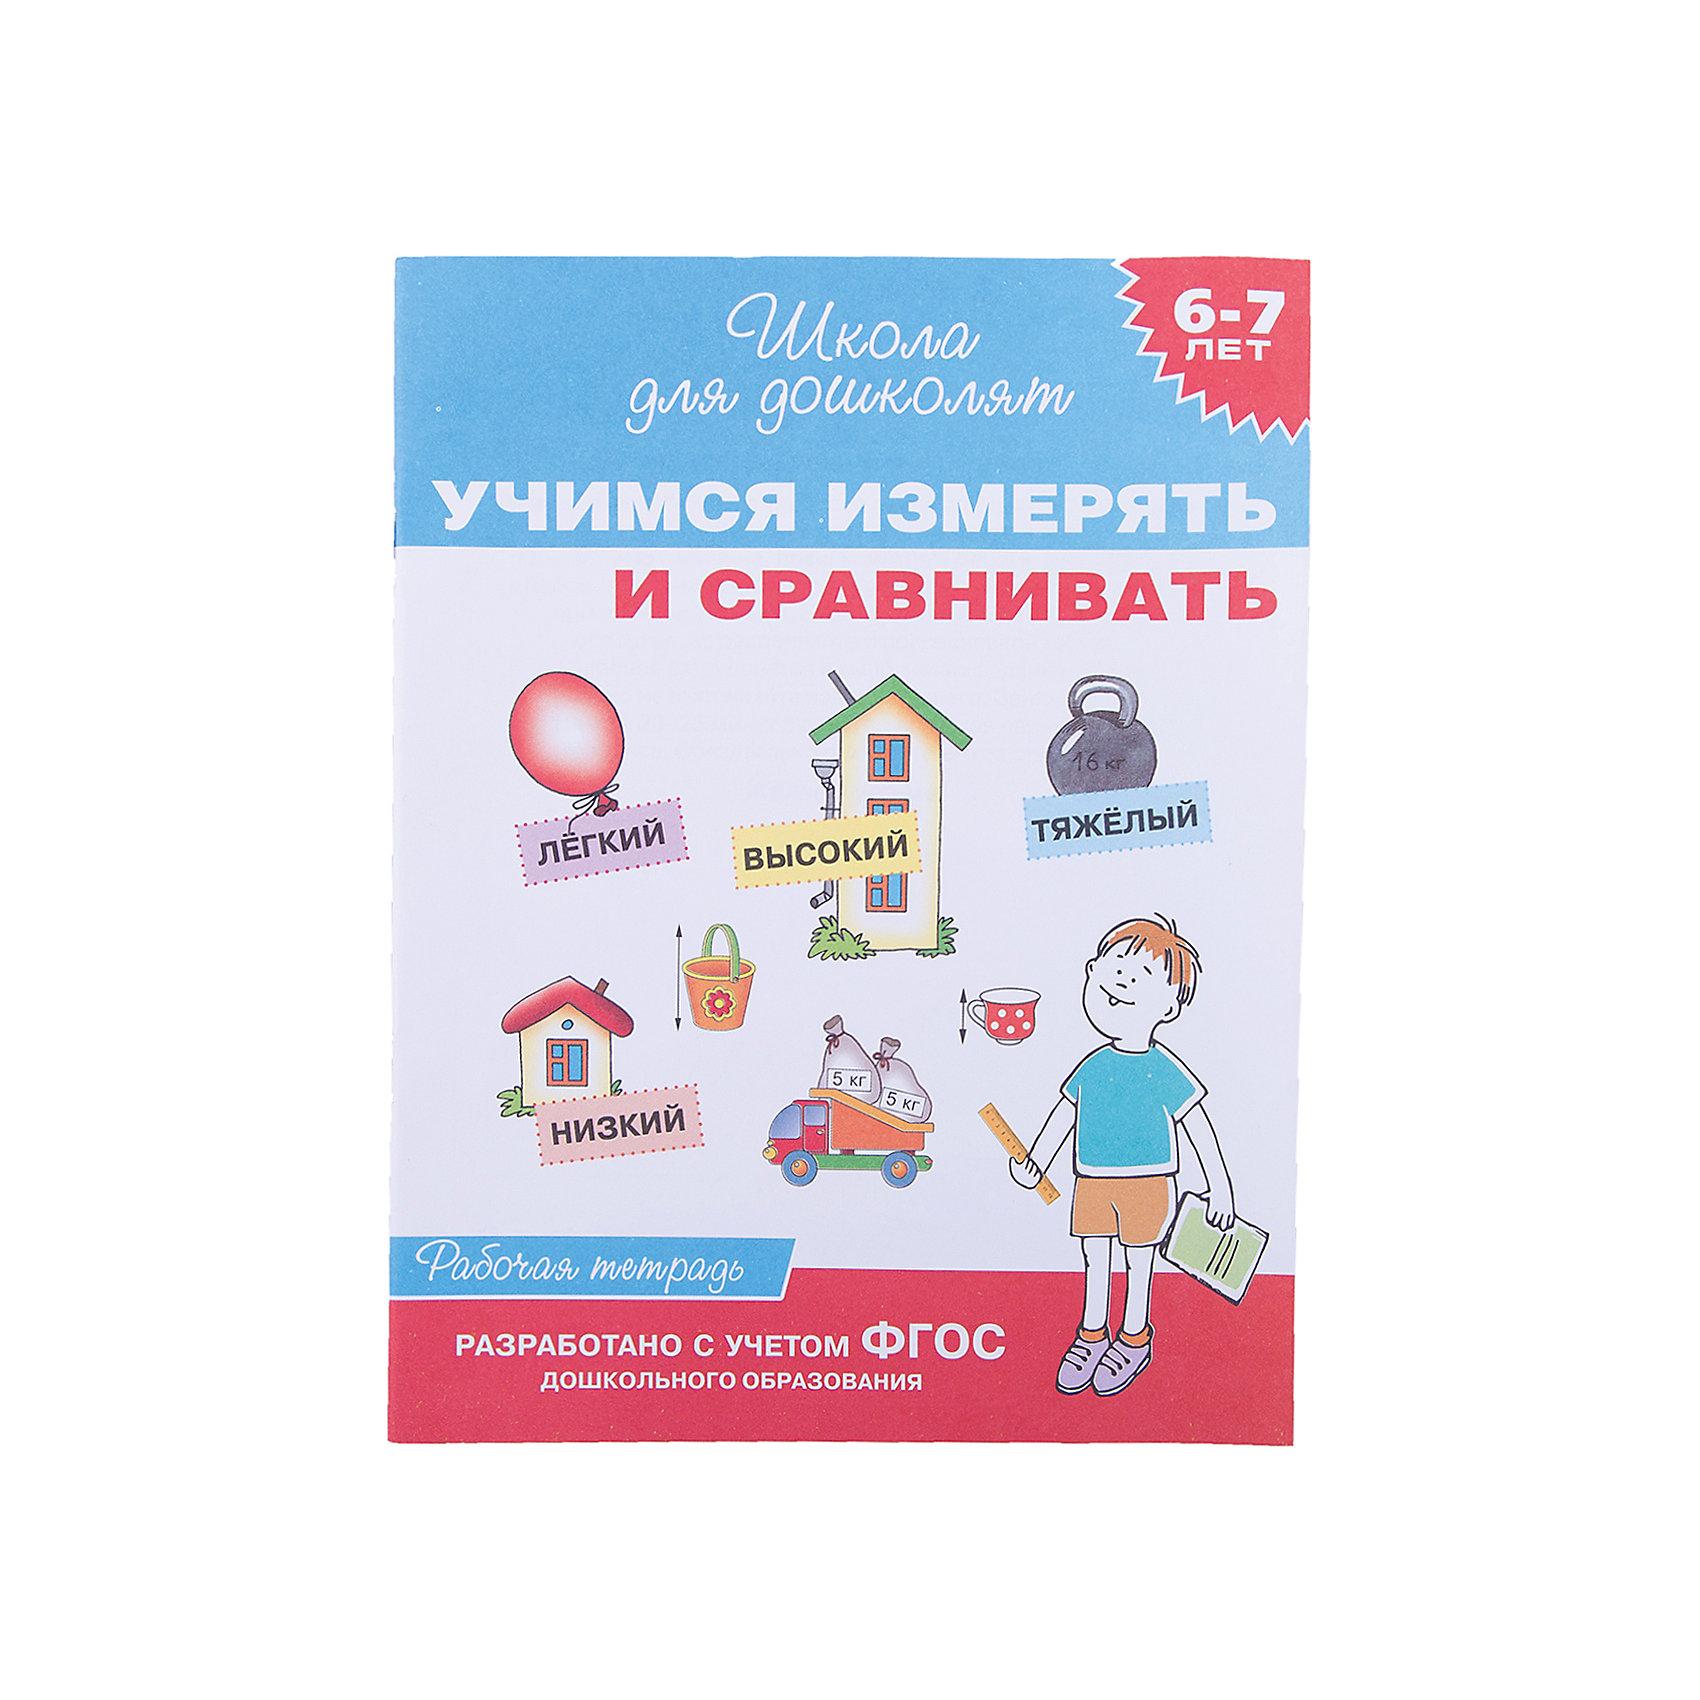 Рабочая тетрадь Учимся измерять и сравниватьХарактеристики товара:<br><br>- цвет: разноцветный;<br>- материал: бумага;<br>- страниц: 24;<br>- формат: 26 х 20 см;<br>- обложка: мягкая;<br>- развивающее издание.<br><br>Это проработанное развивающее издание станет отличным подарком для родителей и ребенка. Оно содержит в себе задания и упражнения, которые помогут ребенку подготовиться к школе. Простые интересные задания помогут привить любовь к учебе!<br>Выполнение таких заданий помогает ребенку развивать мелкую моторику, зрительную память, концентрацию внимания и воображение. Издание произведено из качественных материалов, которые безопасны даже для самых маленьких.<br><br>Издание Рабочая тетрадь Учимся измерять и сравнивать от компании Росмэн можно купить в нашем интернет-магазине.<br><br>Ширина мм: 255<br>Глубина мм: 195<br>Высота мм: 2<br>Вес г: 55<br>Возраст от месяцев: 60<br>Возраст до месяцев: 84<br>Пол: Унисекс<br>Возраст: Детский<br>SKU: 5110194